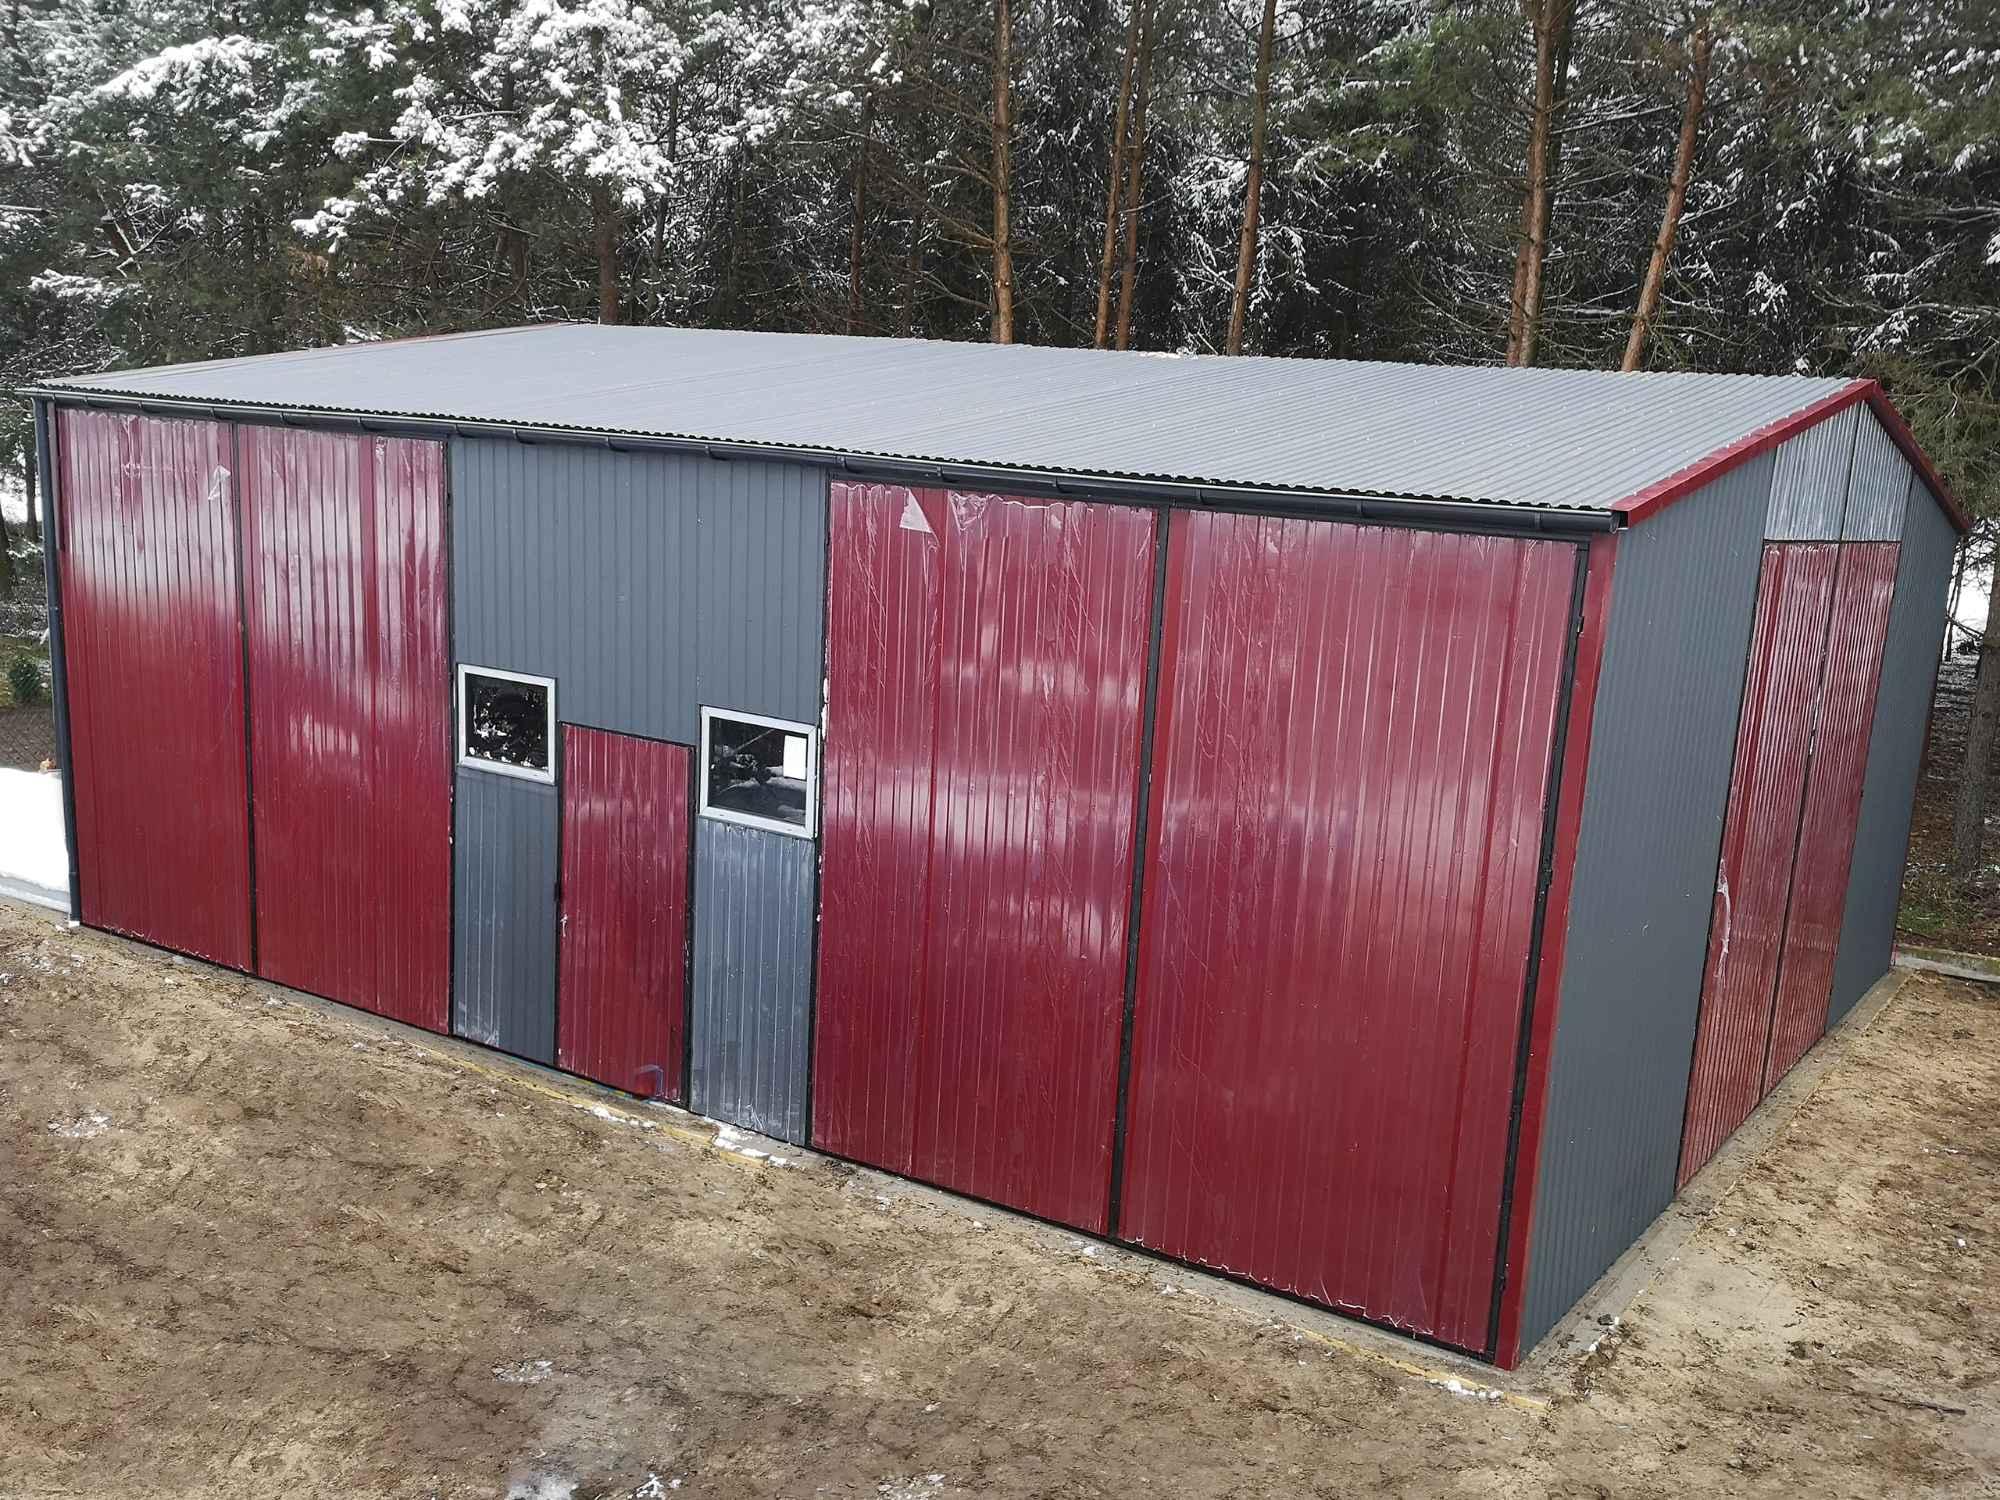 Garaż, Hala blaszana dwuspadowa 12x8 m trzy bramy, okna, drzwi, okucia Bochnia - zdjęcie 1